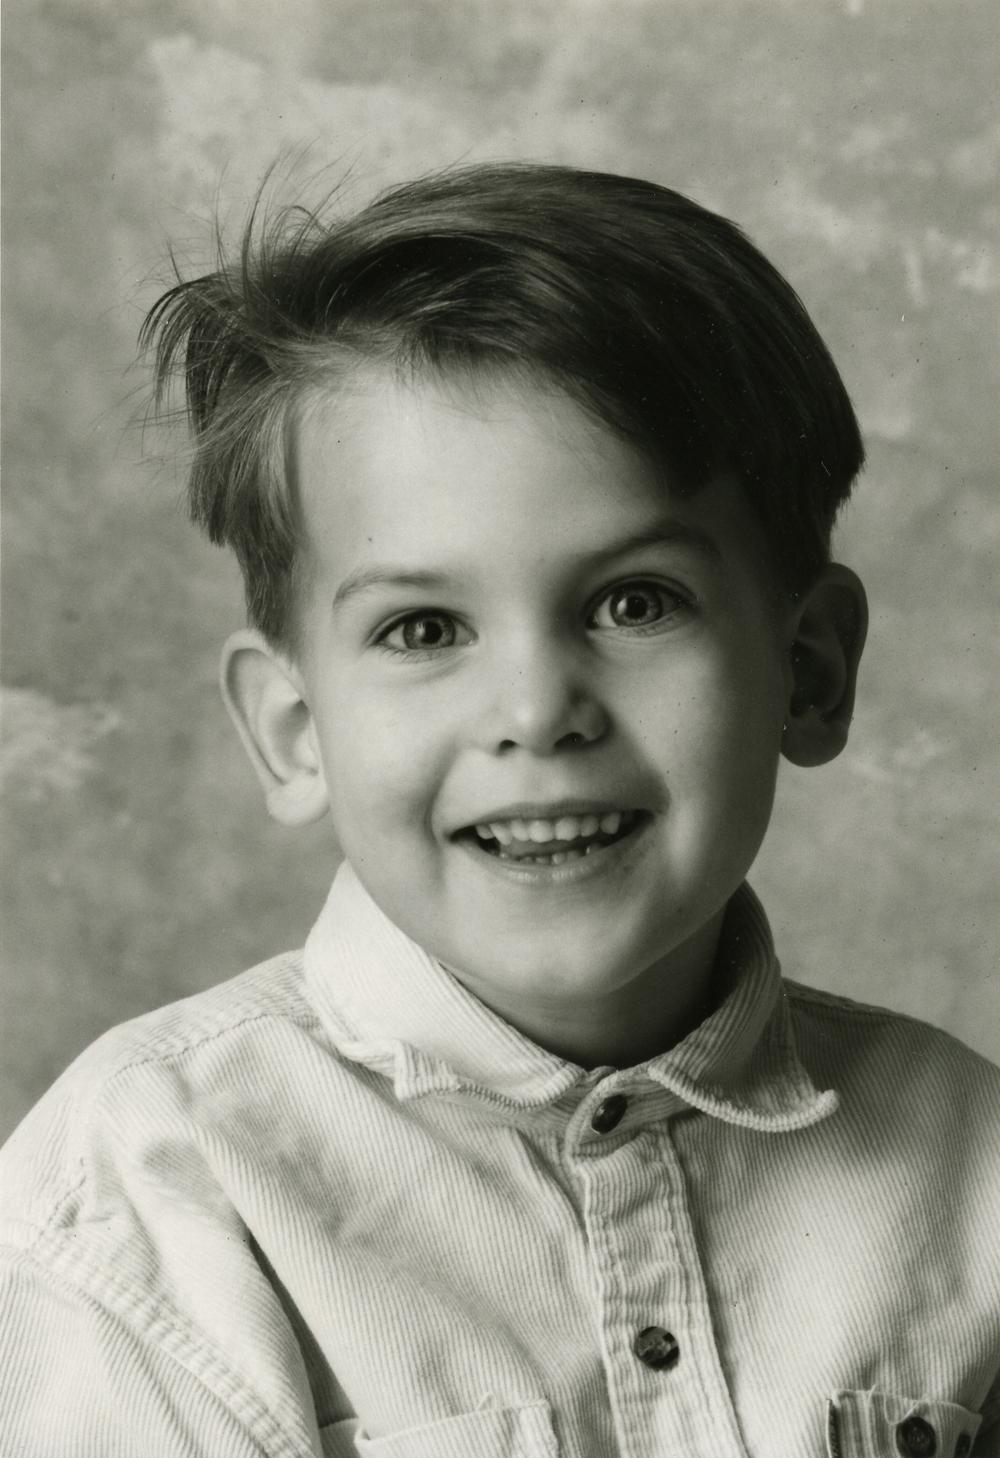 Young Julian